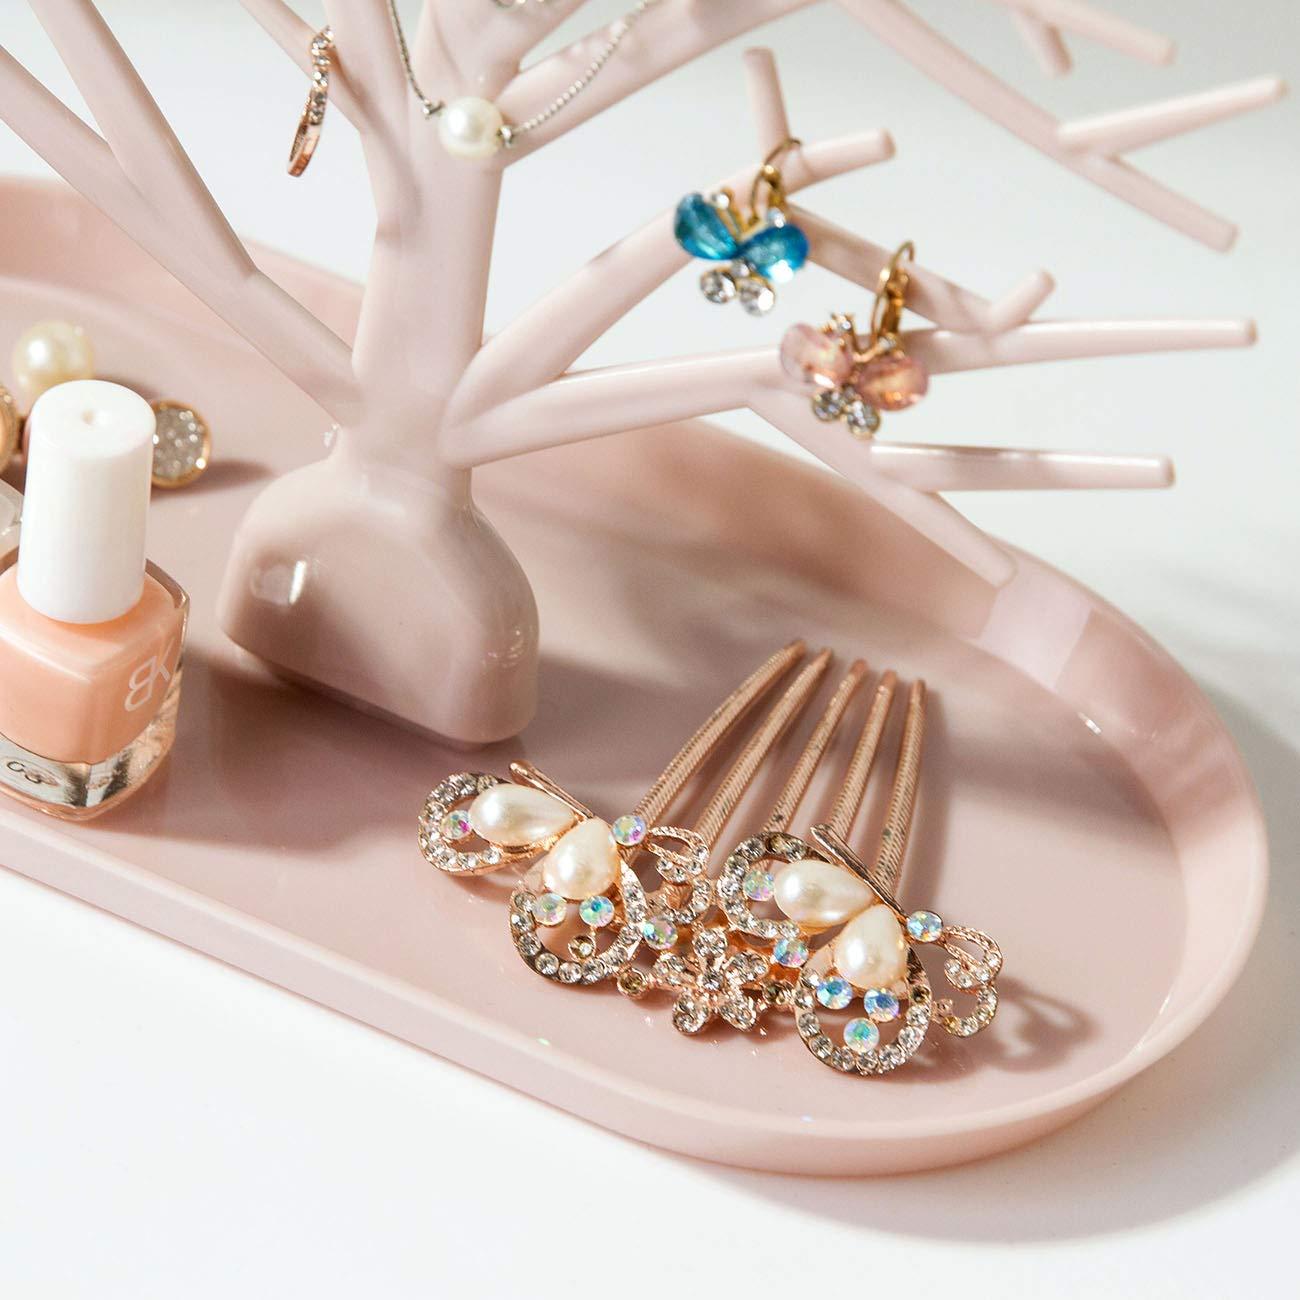 Supporto per anello per orecchini Organizzatore di gioielli Cremagliera Albero di gioielli Espositore Collana Appeso Organizzatore Bracciale Cremagliera Espositore a torre